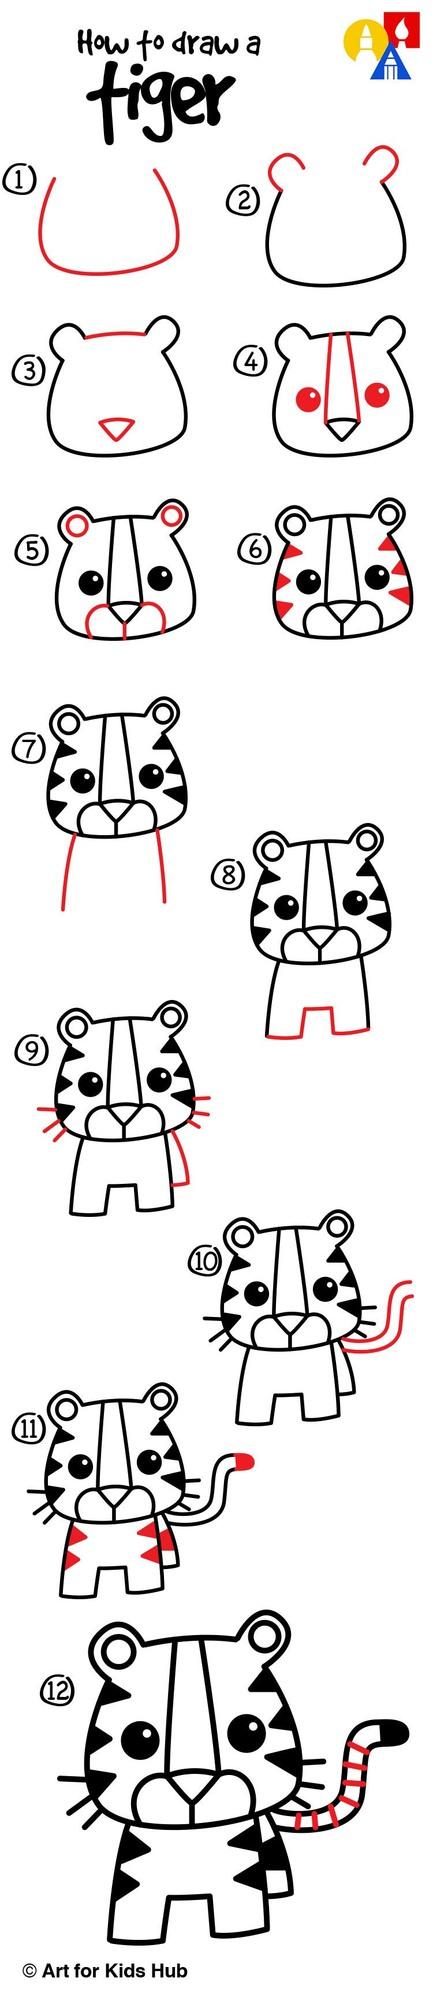 tigre tigres dibujos fáciles de animales para hacer a lápiz con niños paso a paso